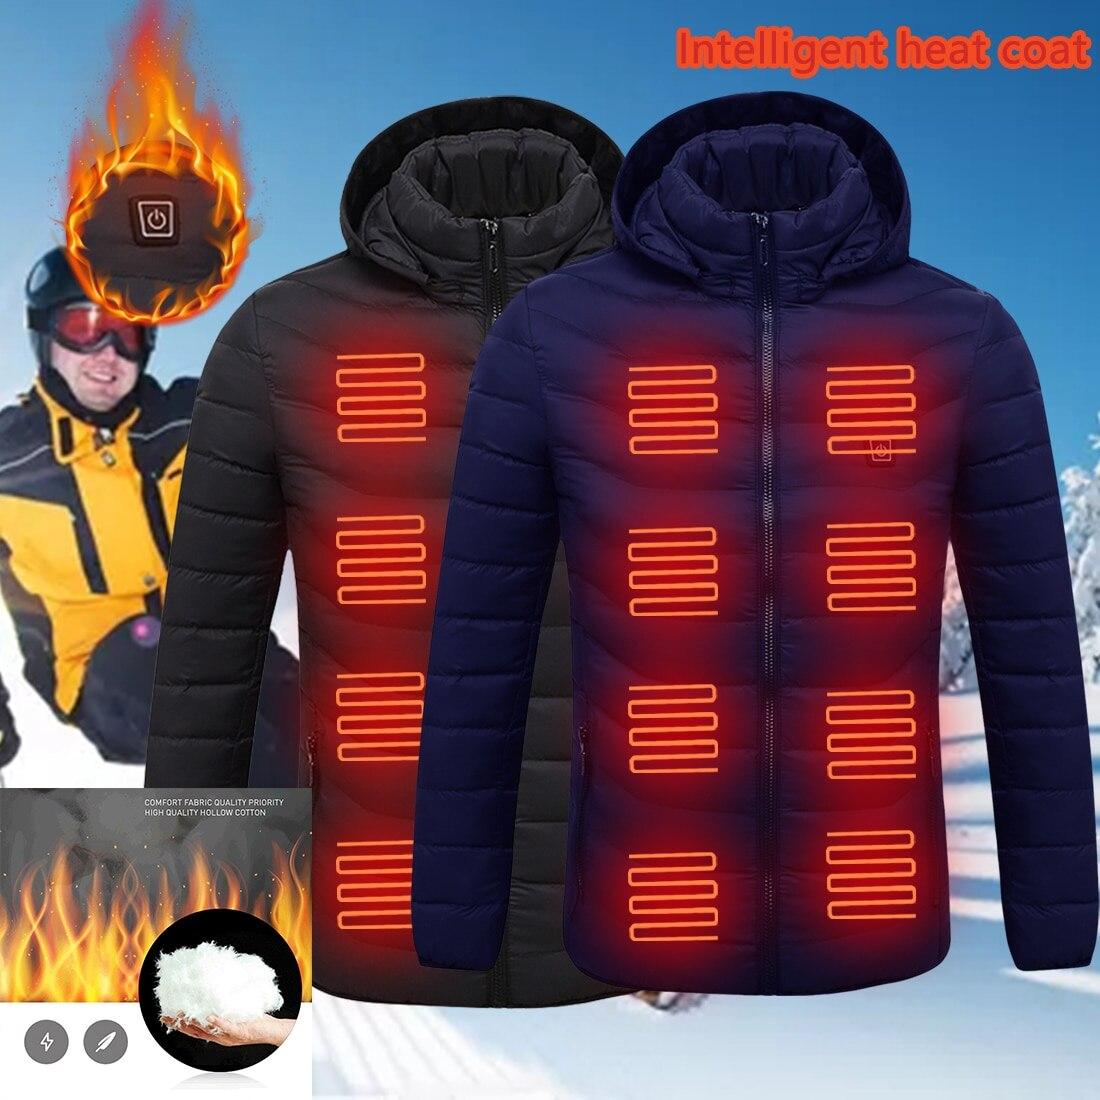 Мужская Уличная парка с подогревом, куртка с капюшоном и электрическим подогревом батареи USB, теплая зимняя термокуртка, Прямая поставка за ...